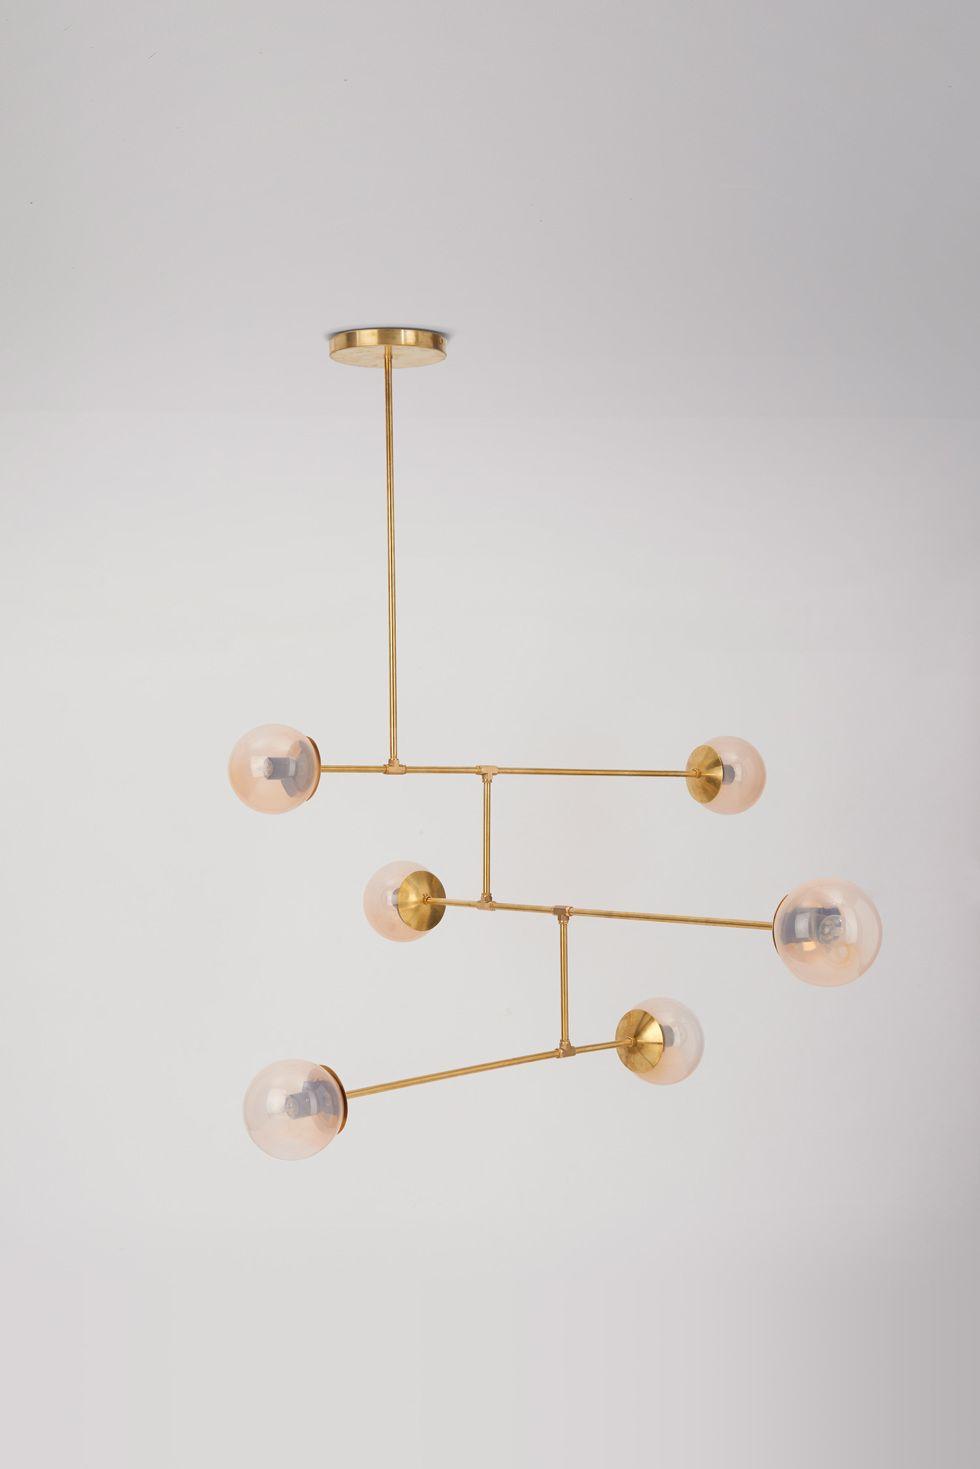 Pin By Kamilah Shaheed On Furniture In 2019 Lighting Lighting Design Douglas Bec